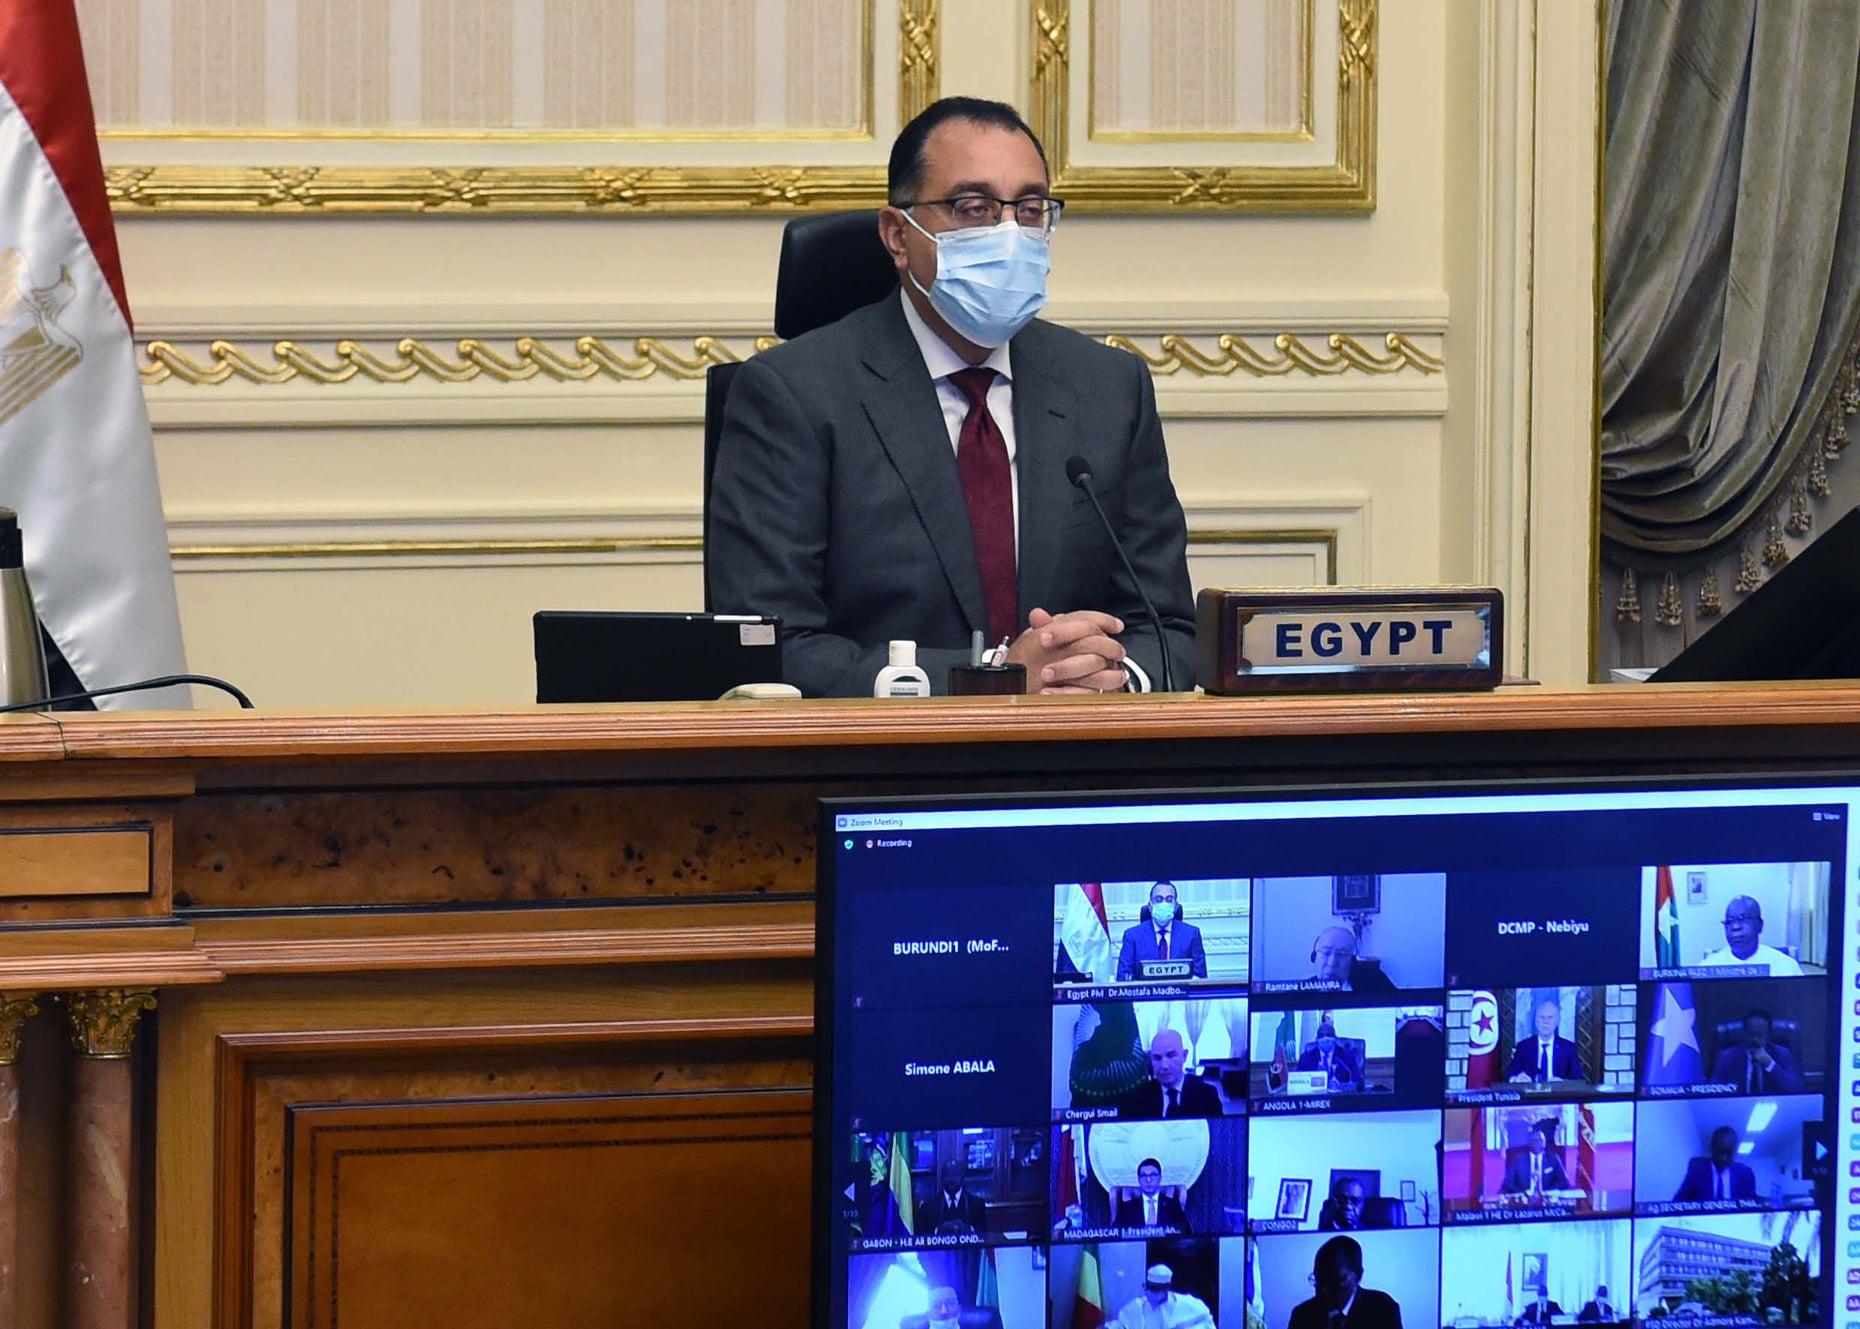 رئيس الوزراء يشارك نيابة عن الرئيس السيسي فى أعمال قمة الاتحاد الإفريقى الاستثنائية الافتراضية الرابعة عشرة لإسكات البنادق